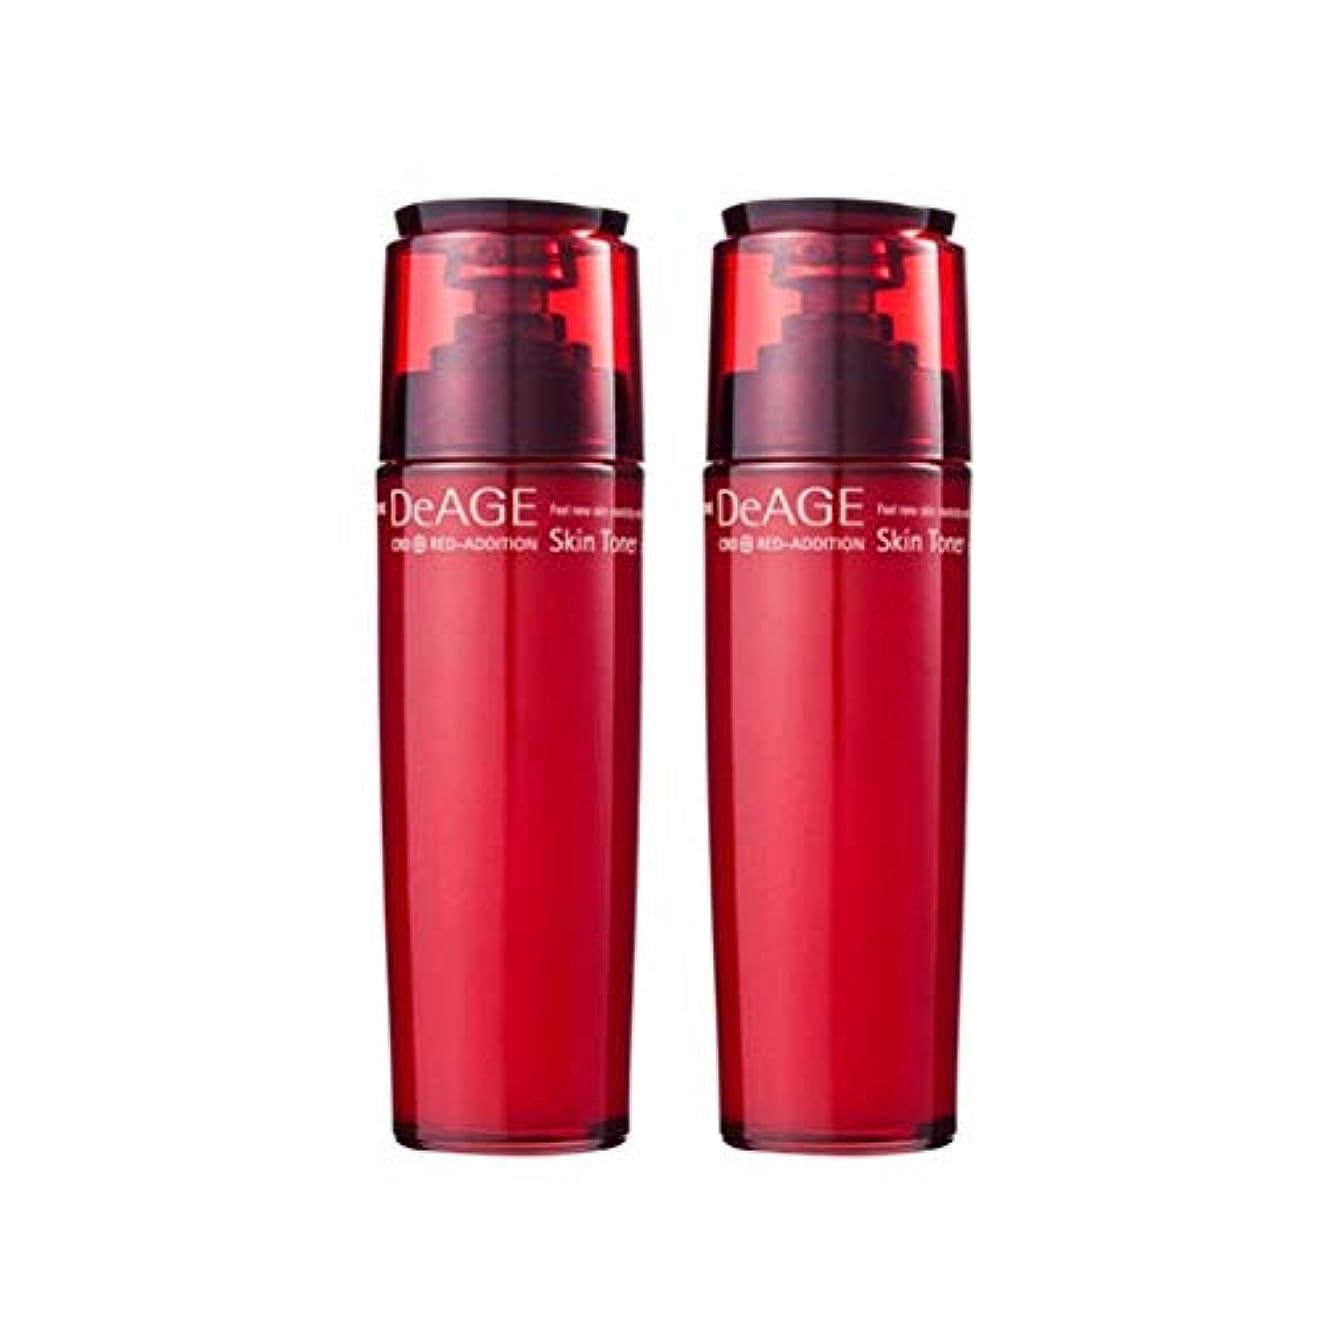 子供っぽいどこ消去チャムジョンディエイジレッドエディションスキントナー130ml x 2、Charmzone DeAGE Red-Addition Skin Toner 130ml x 2 [並行輸入品]